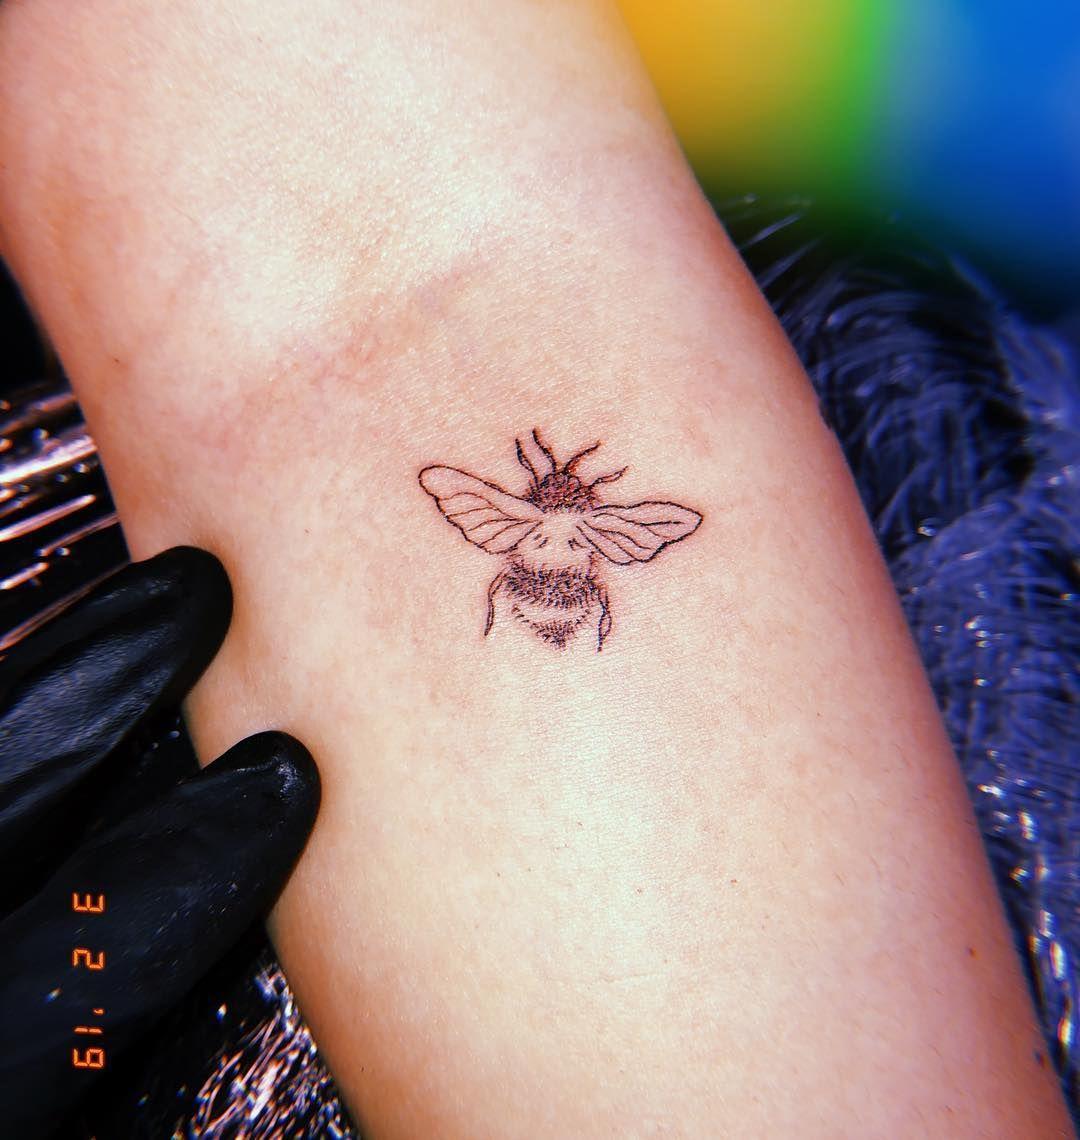 Buzz buzz tiny tattoos for girls tattoos tattoo